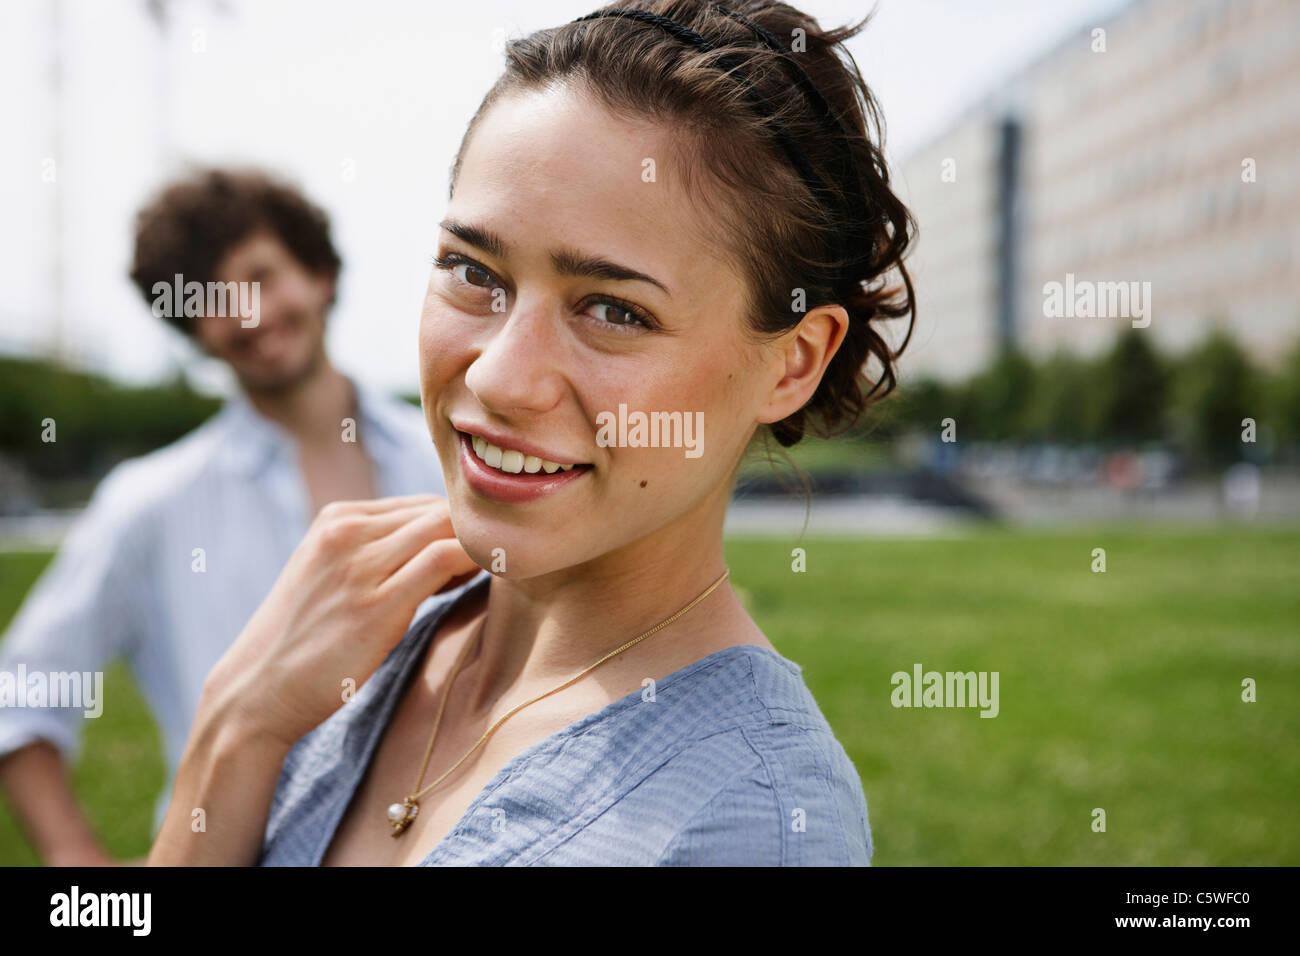 Deutschland, Berlin, junge Frau, Mann im Hintergrund, Porträt, Nahaufnahme Stockfoto